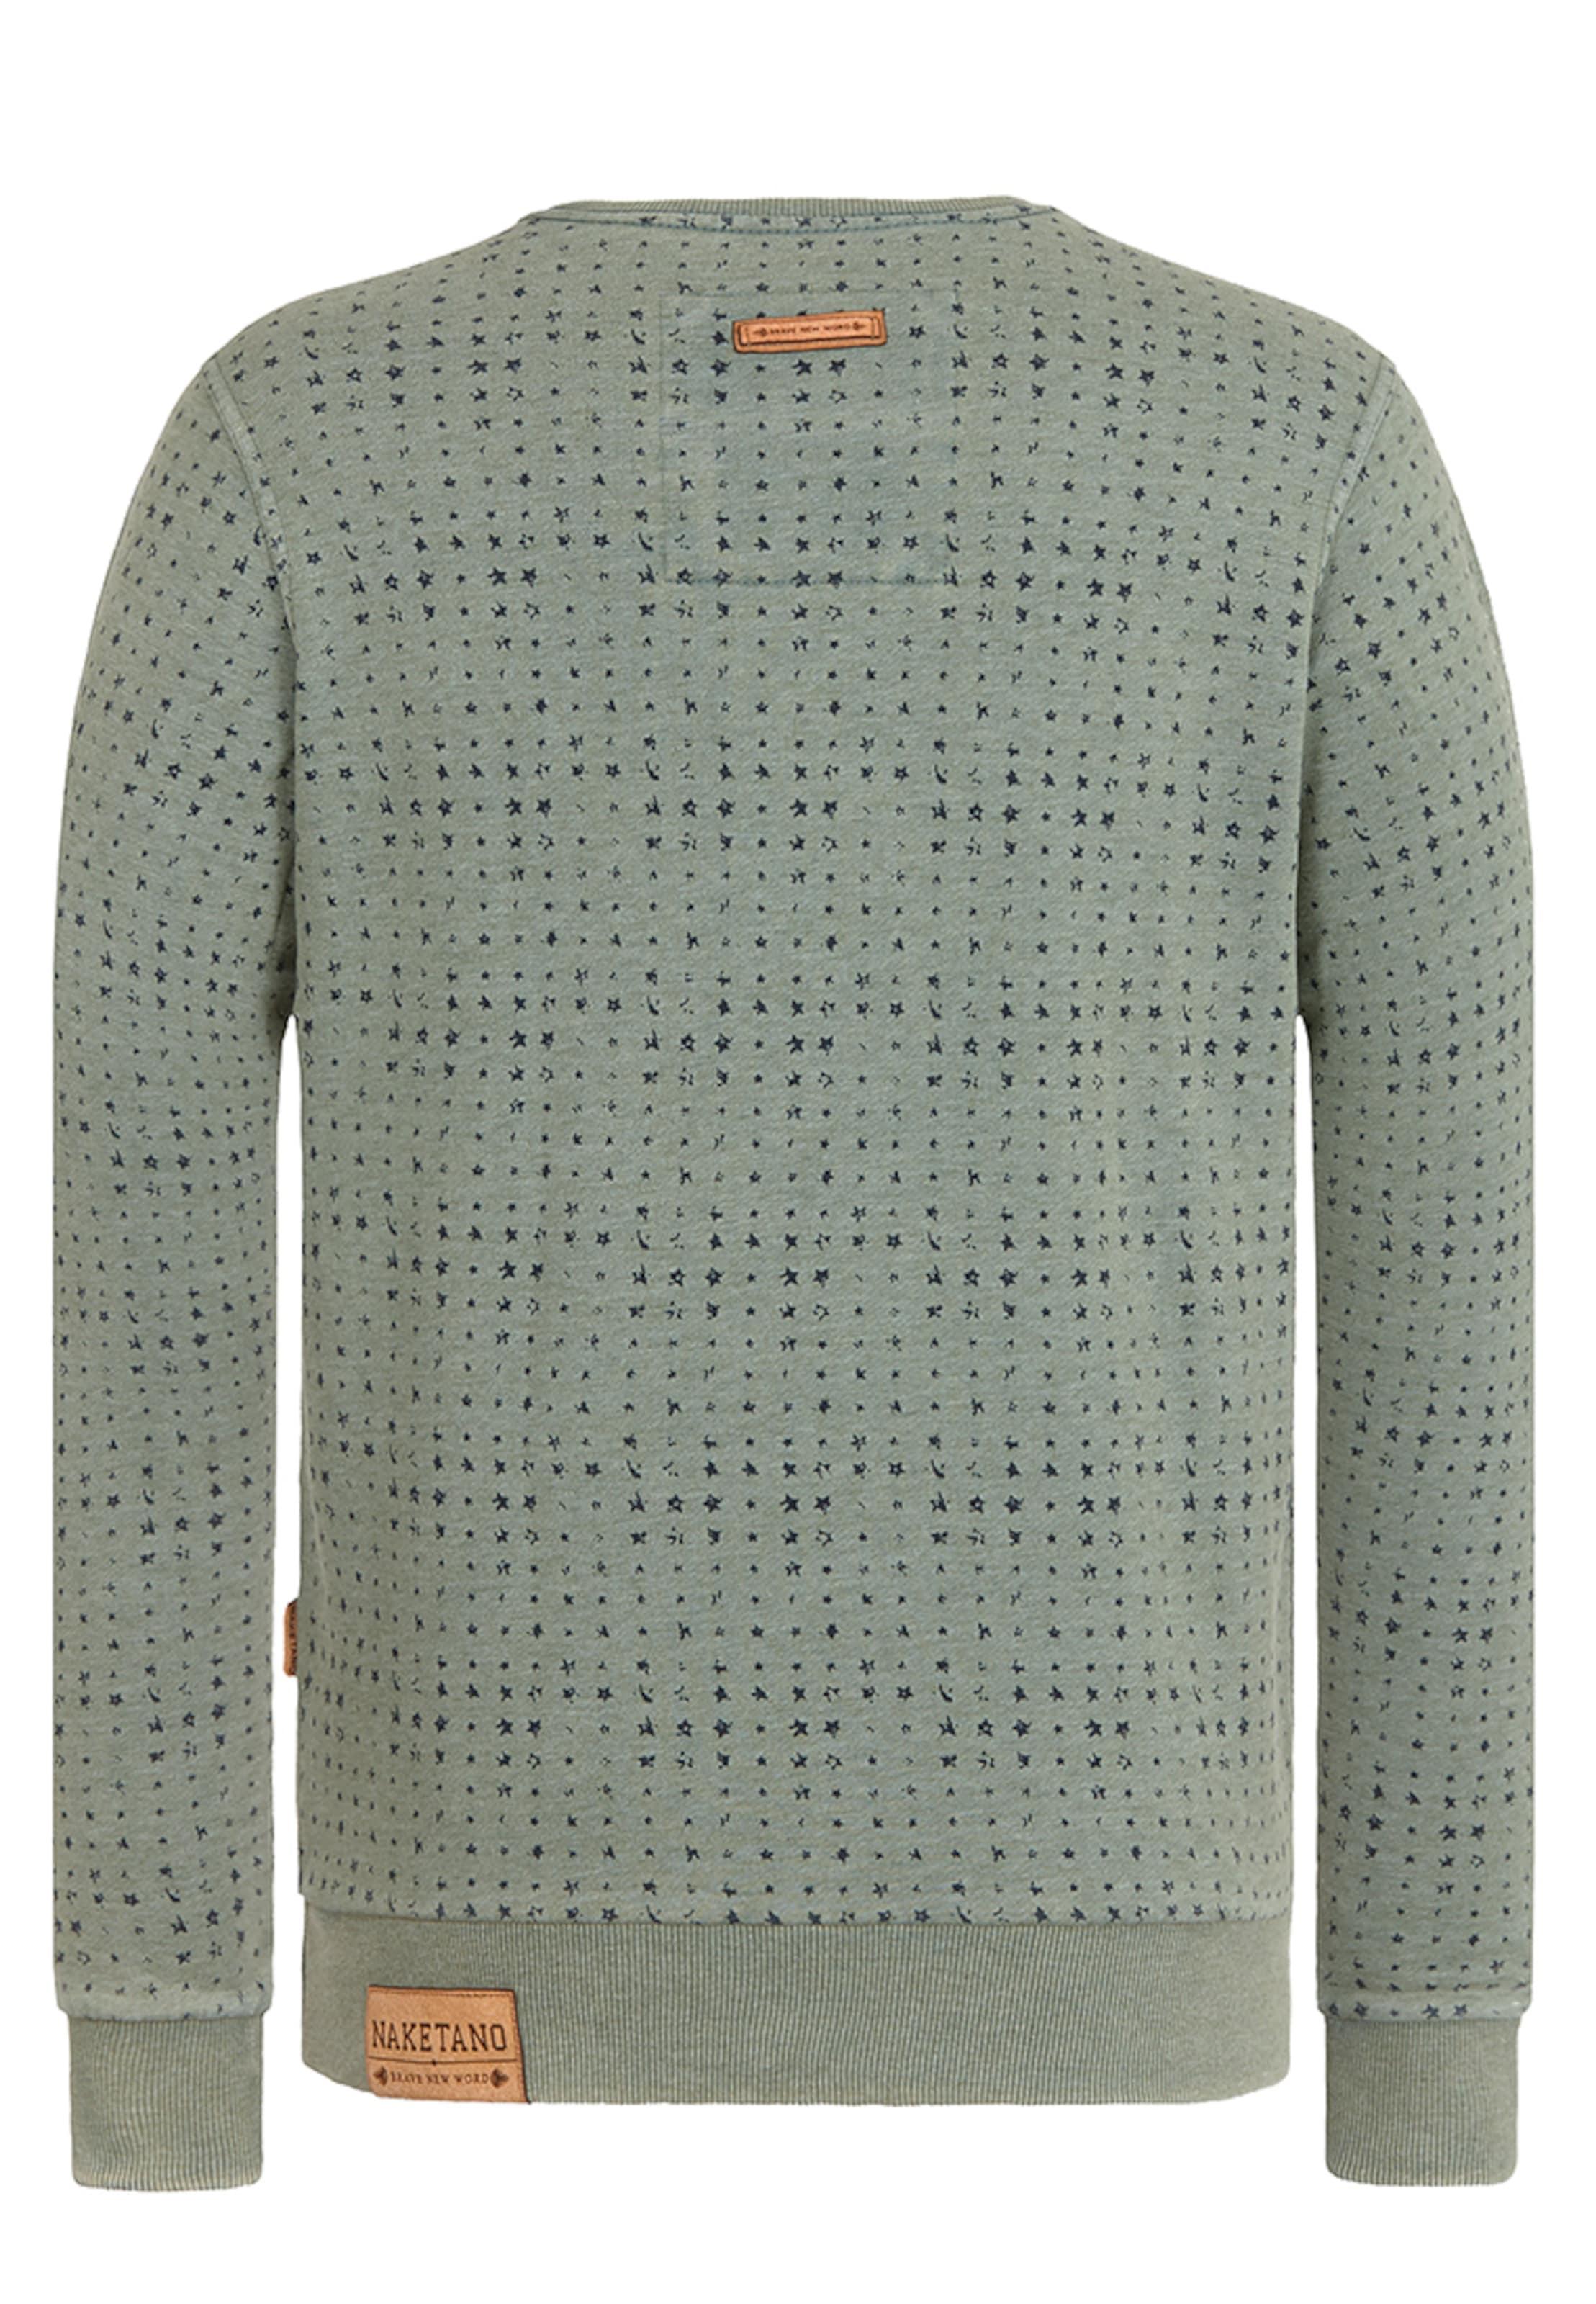 Neueste Online naketano Male Sweatshirt 'Tinte Aufm Füller III' Neueste Online-Verkauf m8UGfl